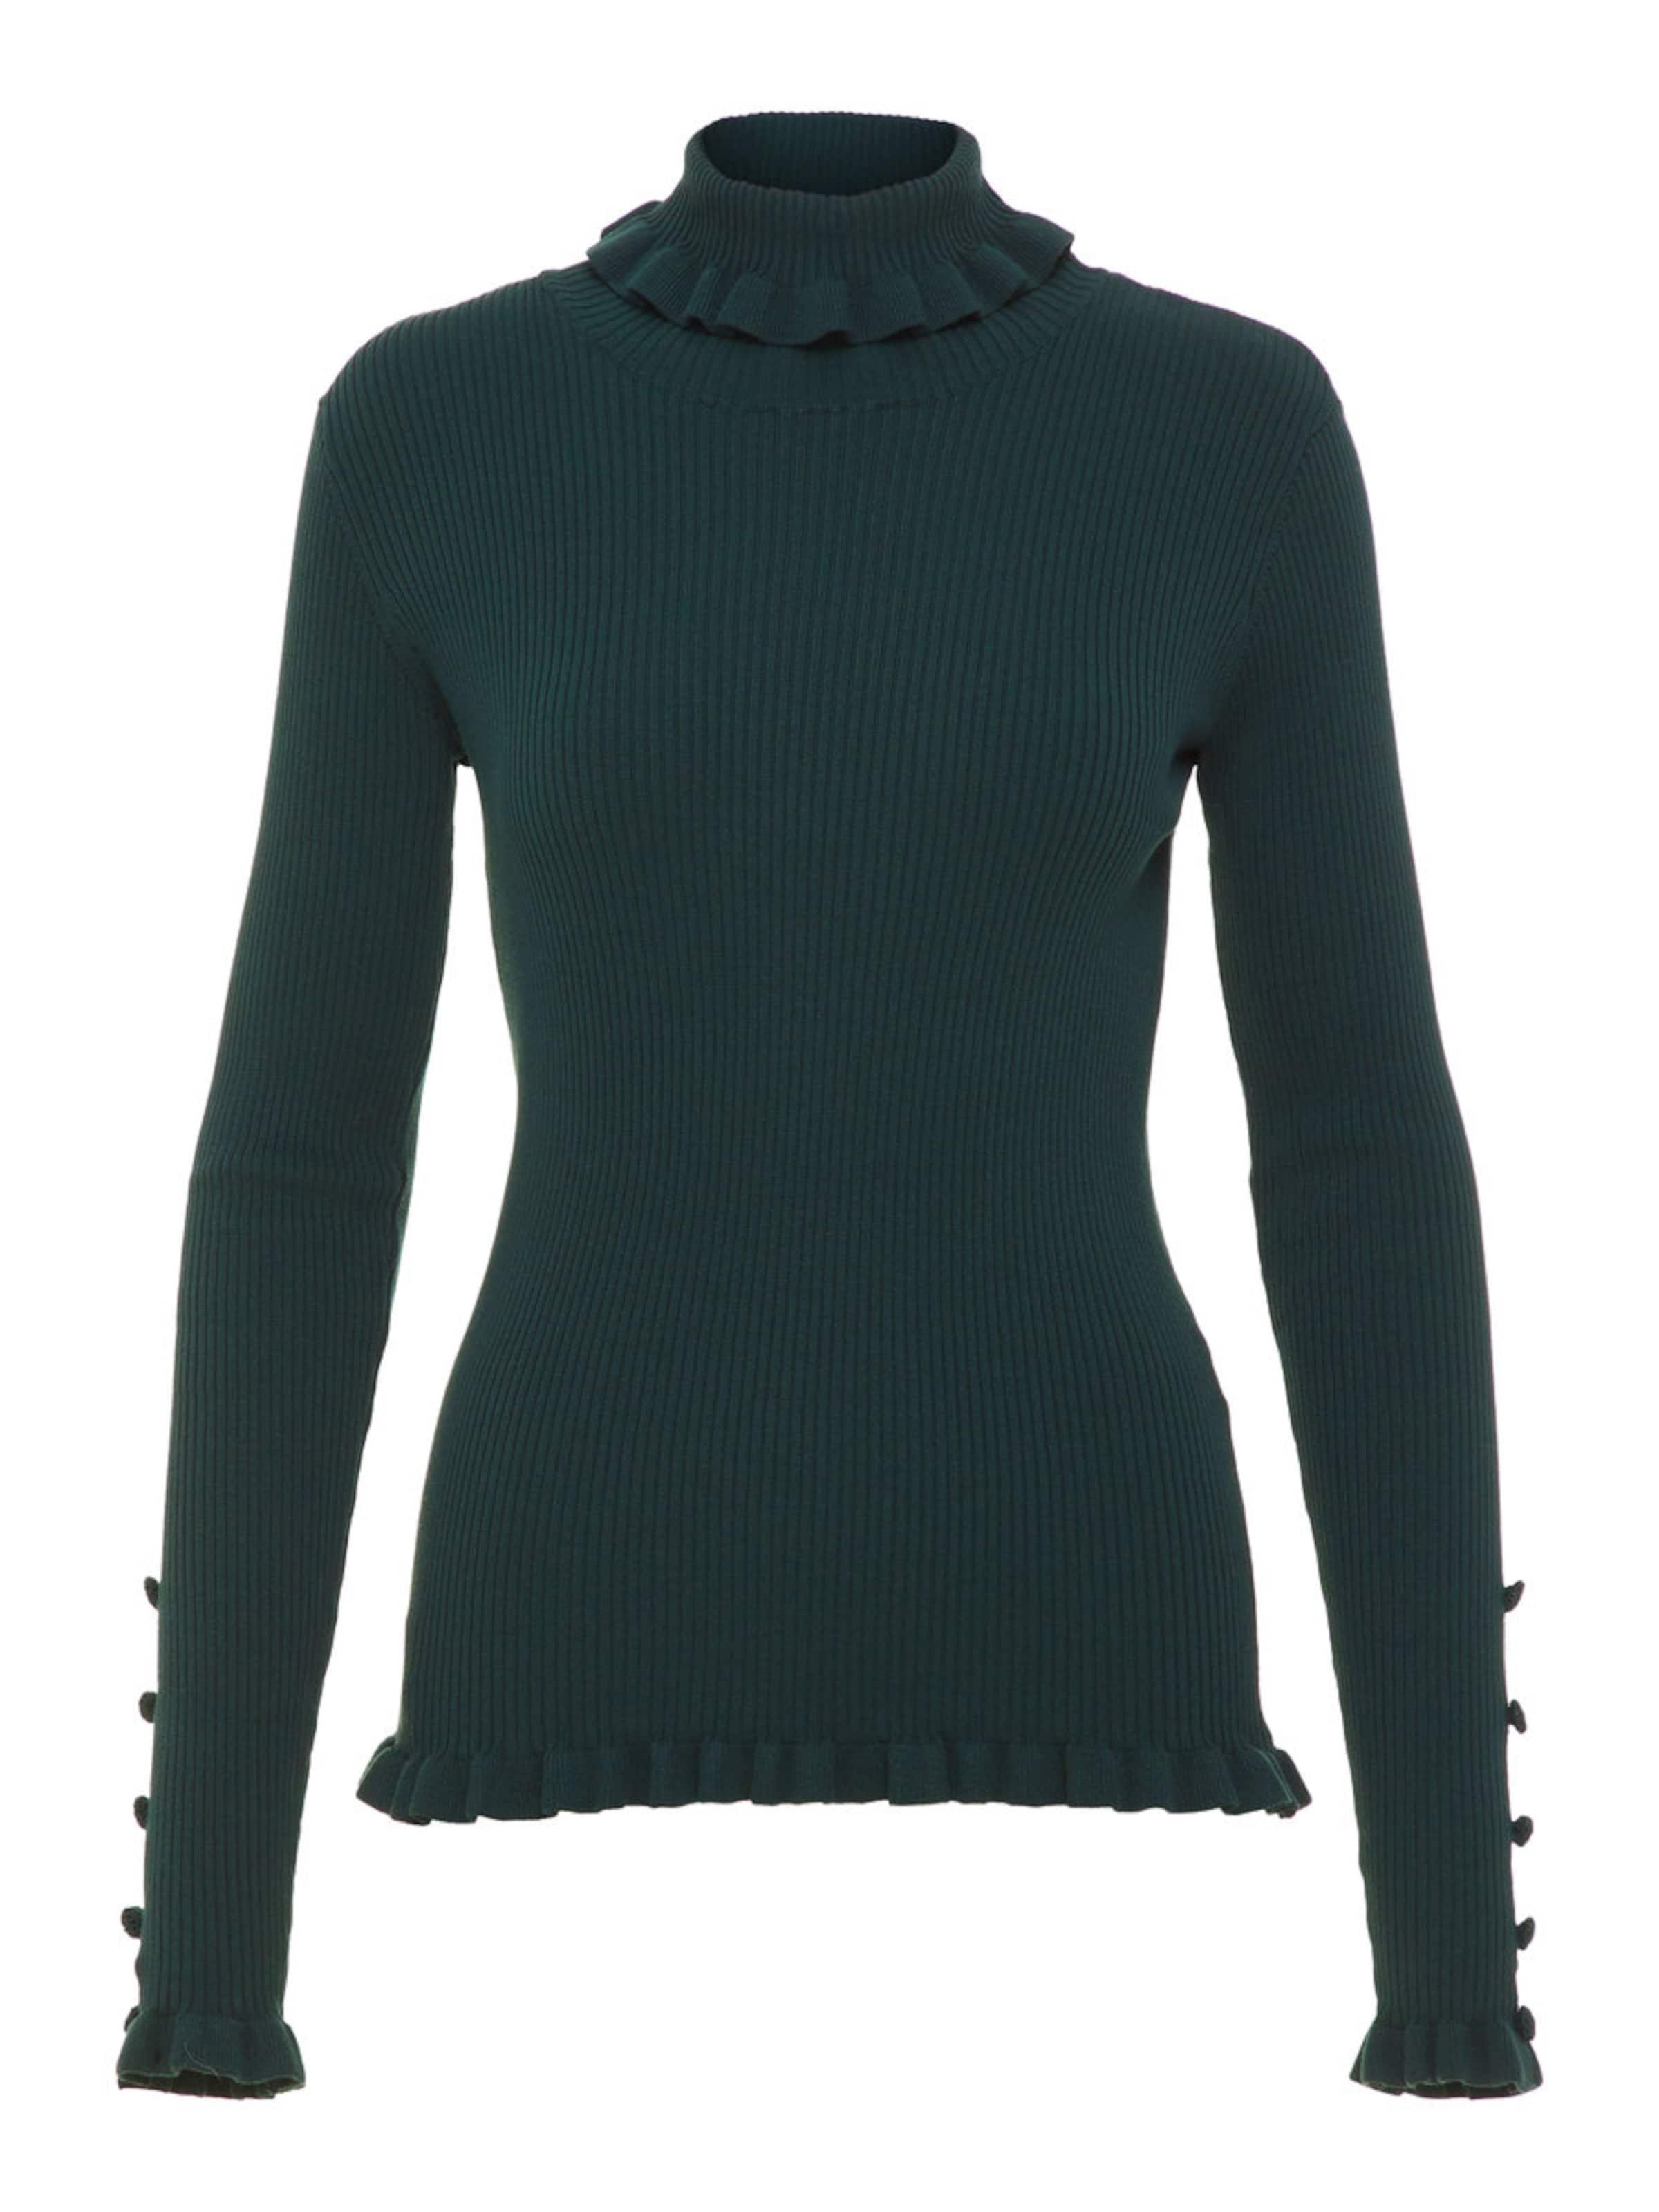 Smaragd In Y a s Bluse rQBoWExedC